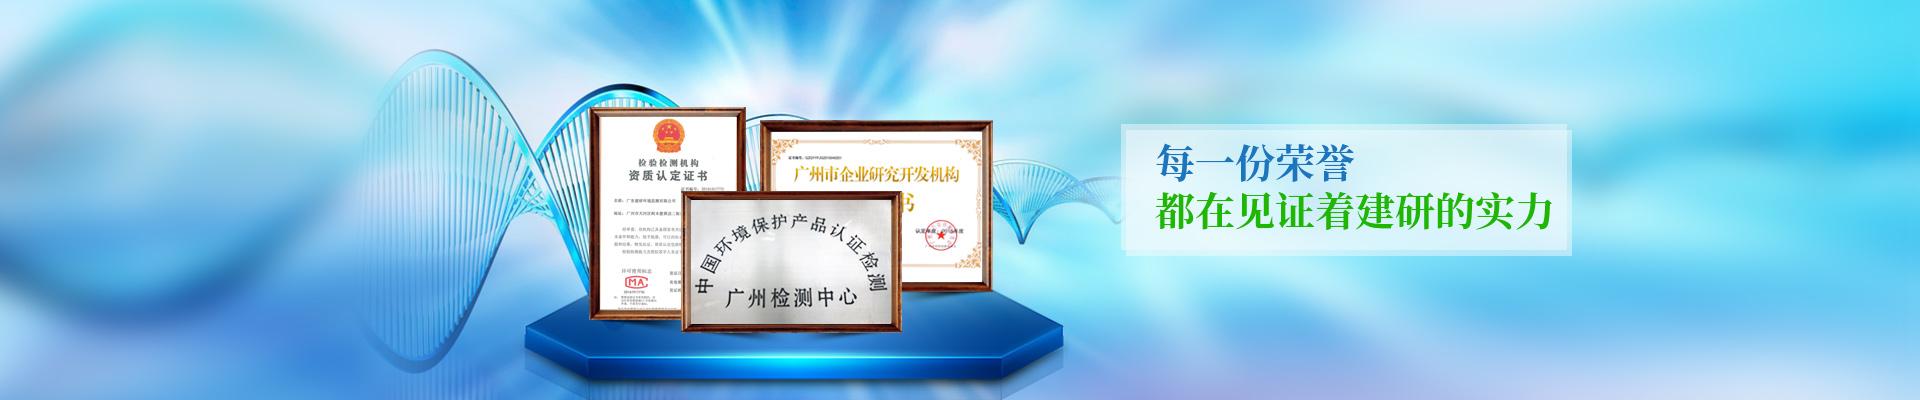 广东建研-每一份荣誉,都在见证着建研的实力